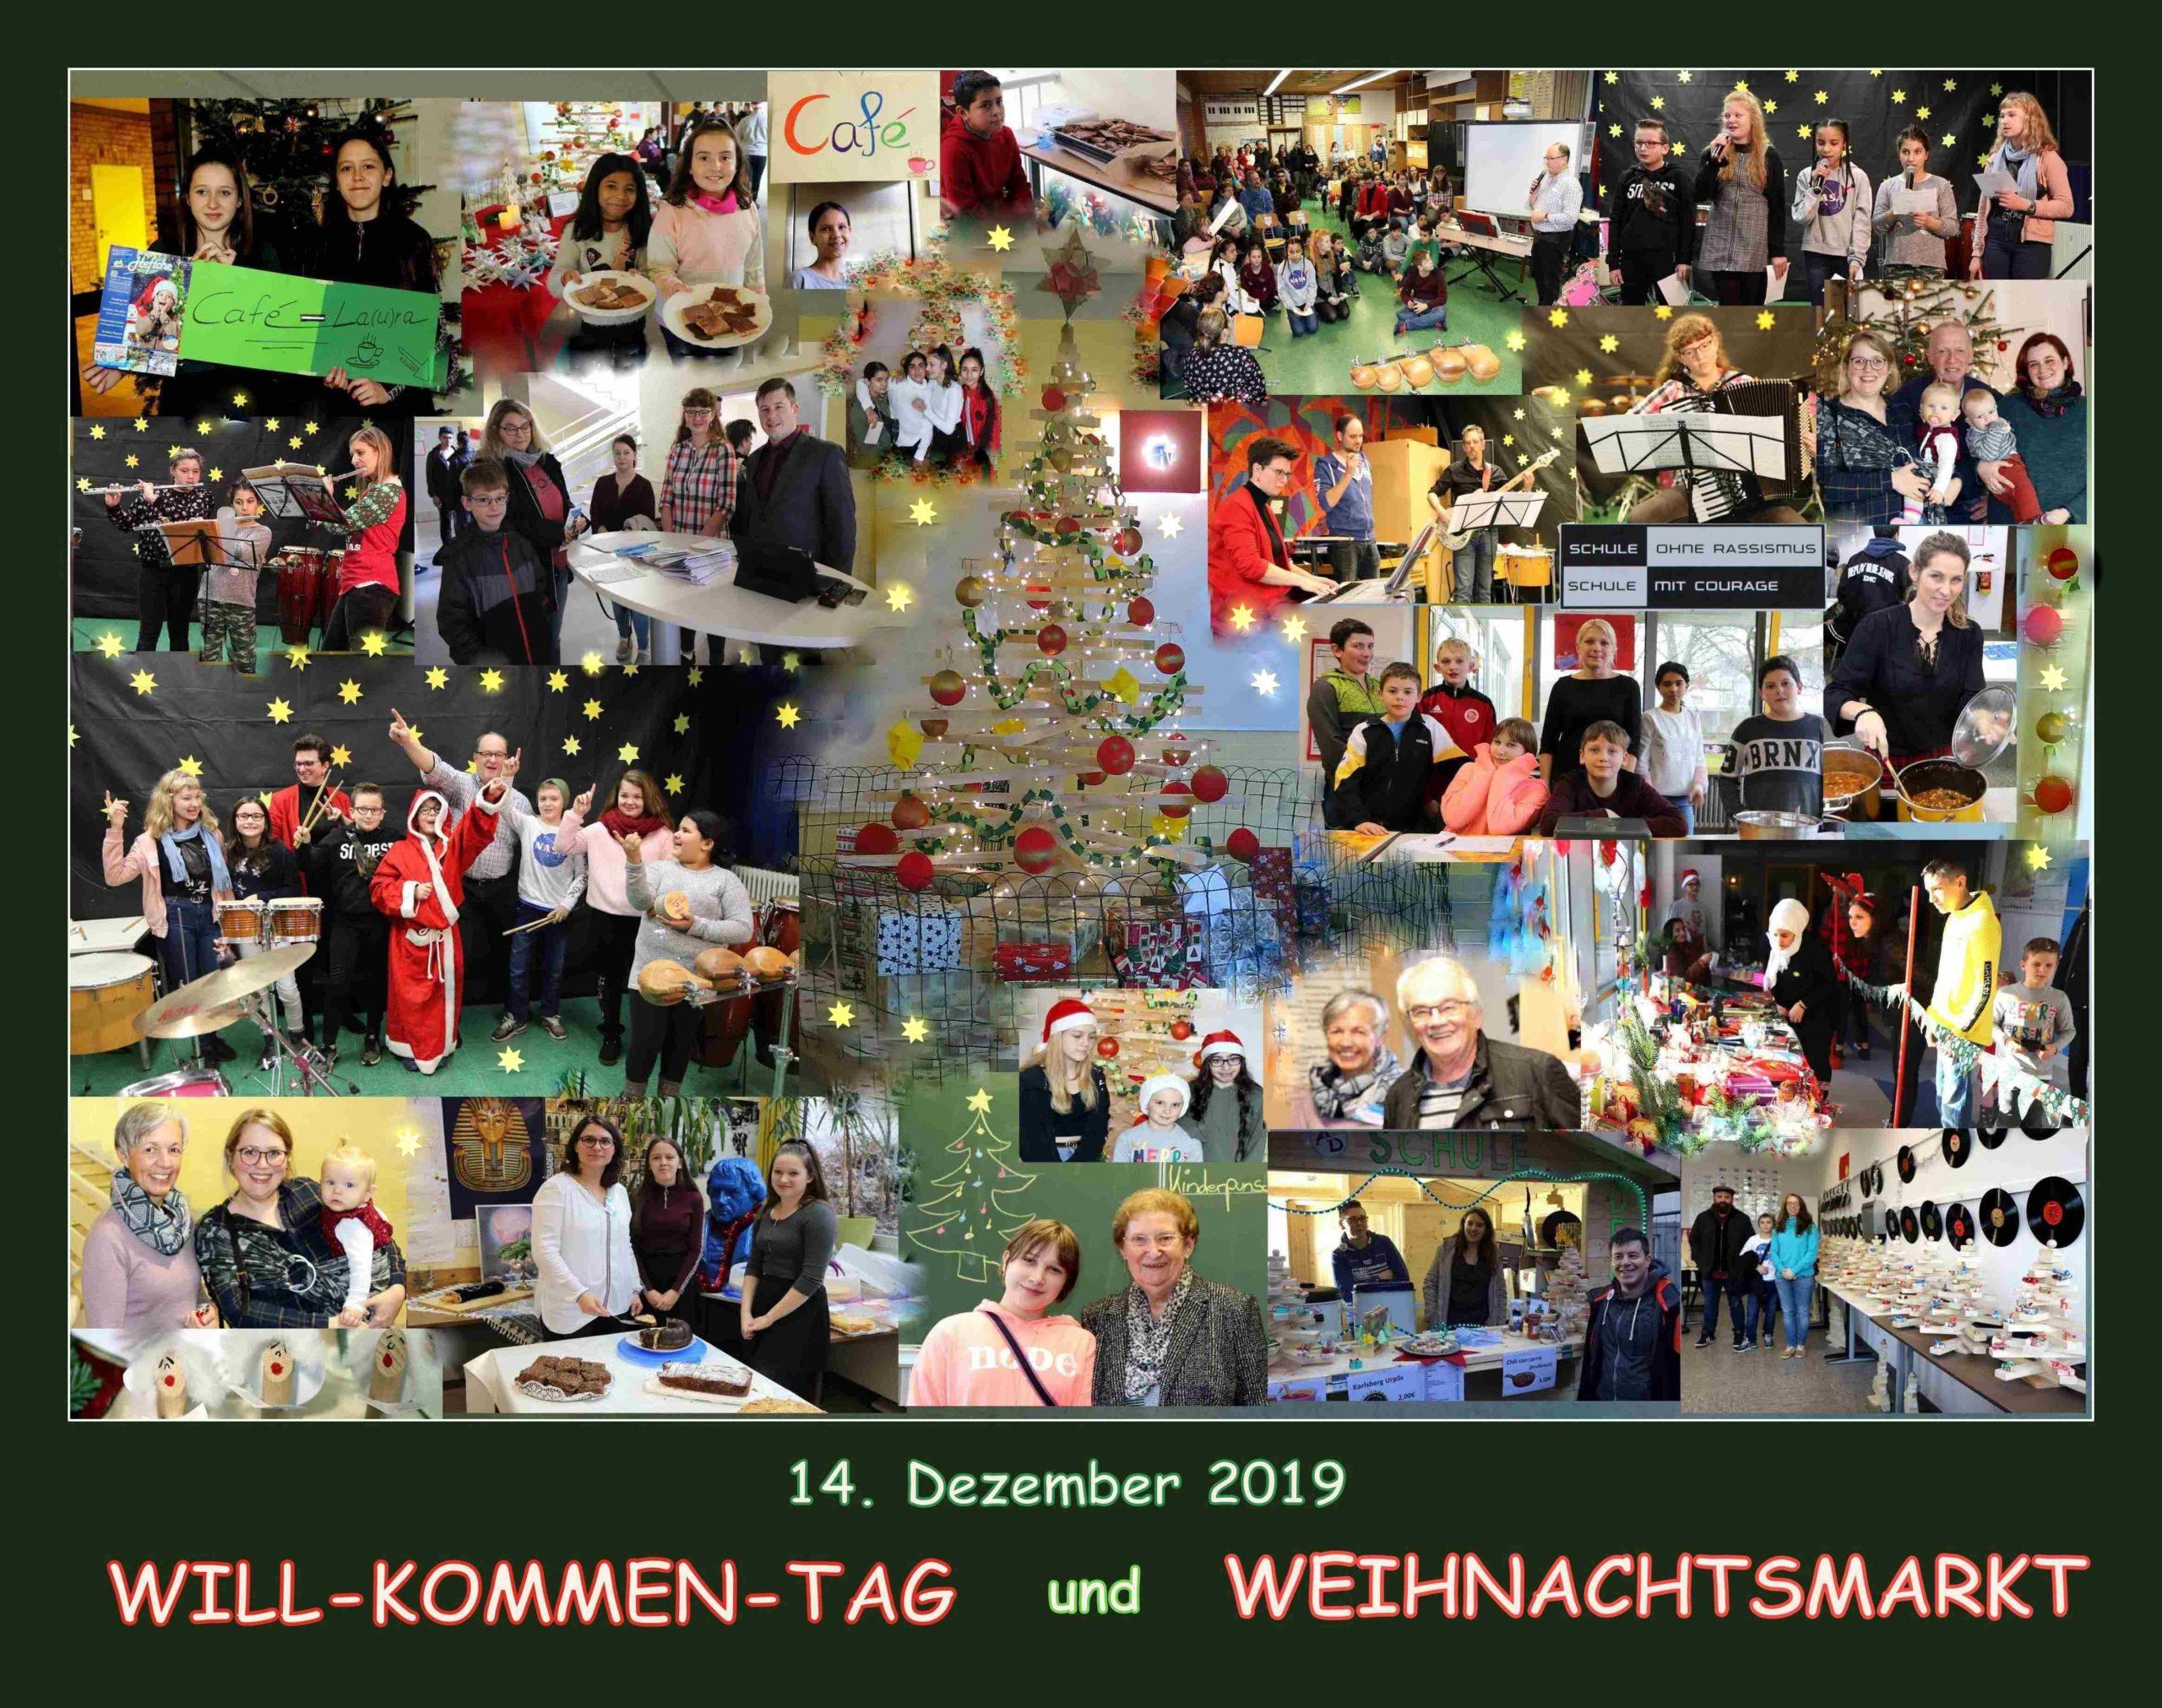 Weihnachtsmarkt, Willkommentag und beste Feierlaune – Die Alex-Deutsch-Schule stellte sich vor